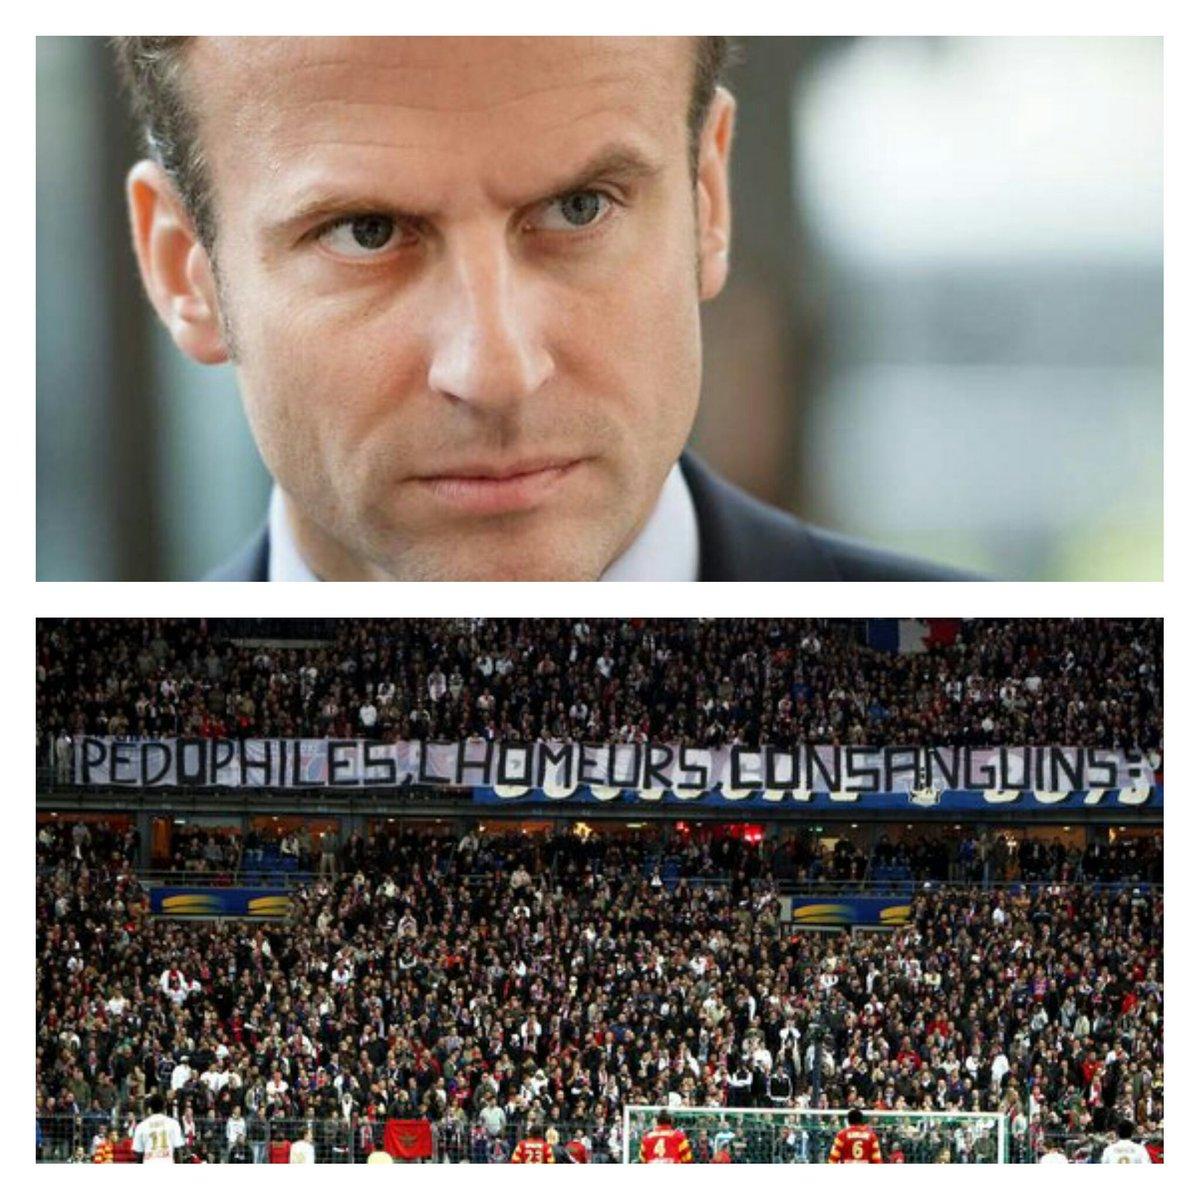 &quot;Alcoolisme et tabagisme&quot;, voilà comment #Macron décrit la population du Pas-de-Calais.  On avait pas fait pire depuis la banderole du PSG <br>http://pic.twitter.com/m9kQ2vIqQf